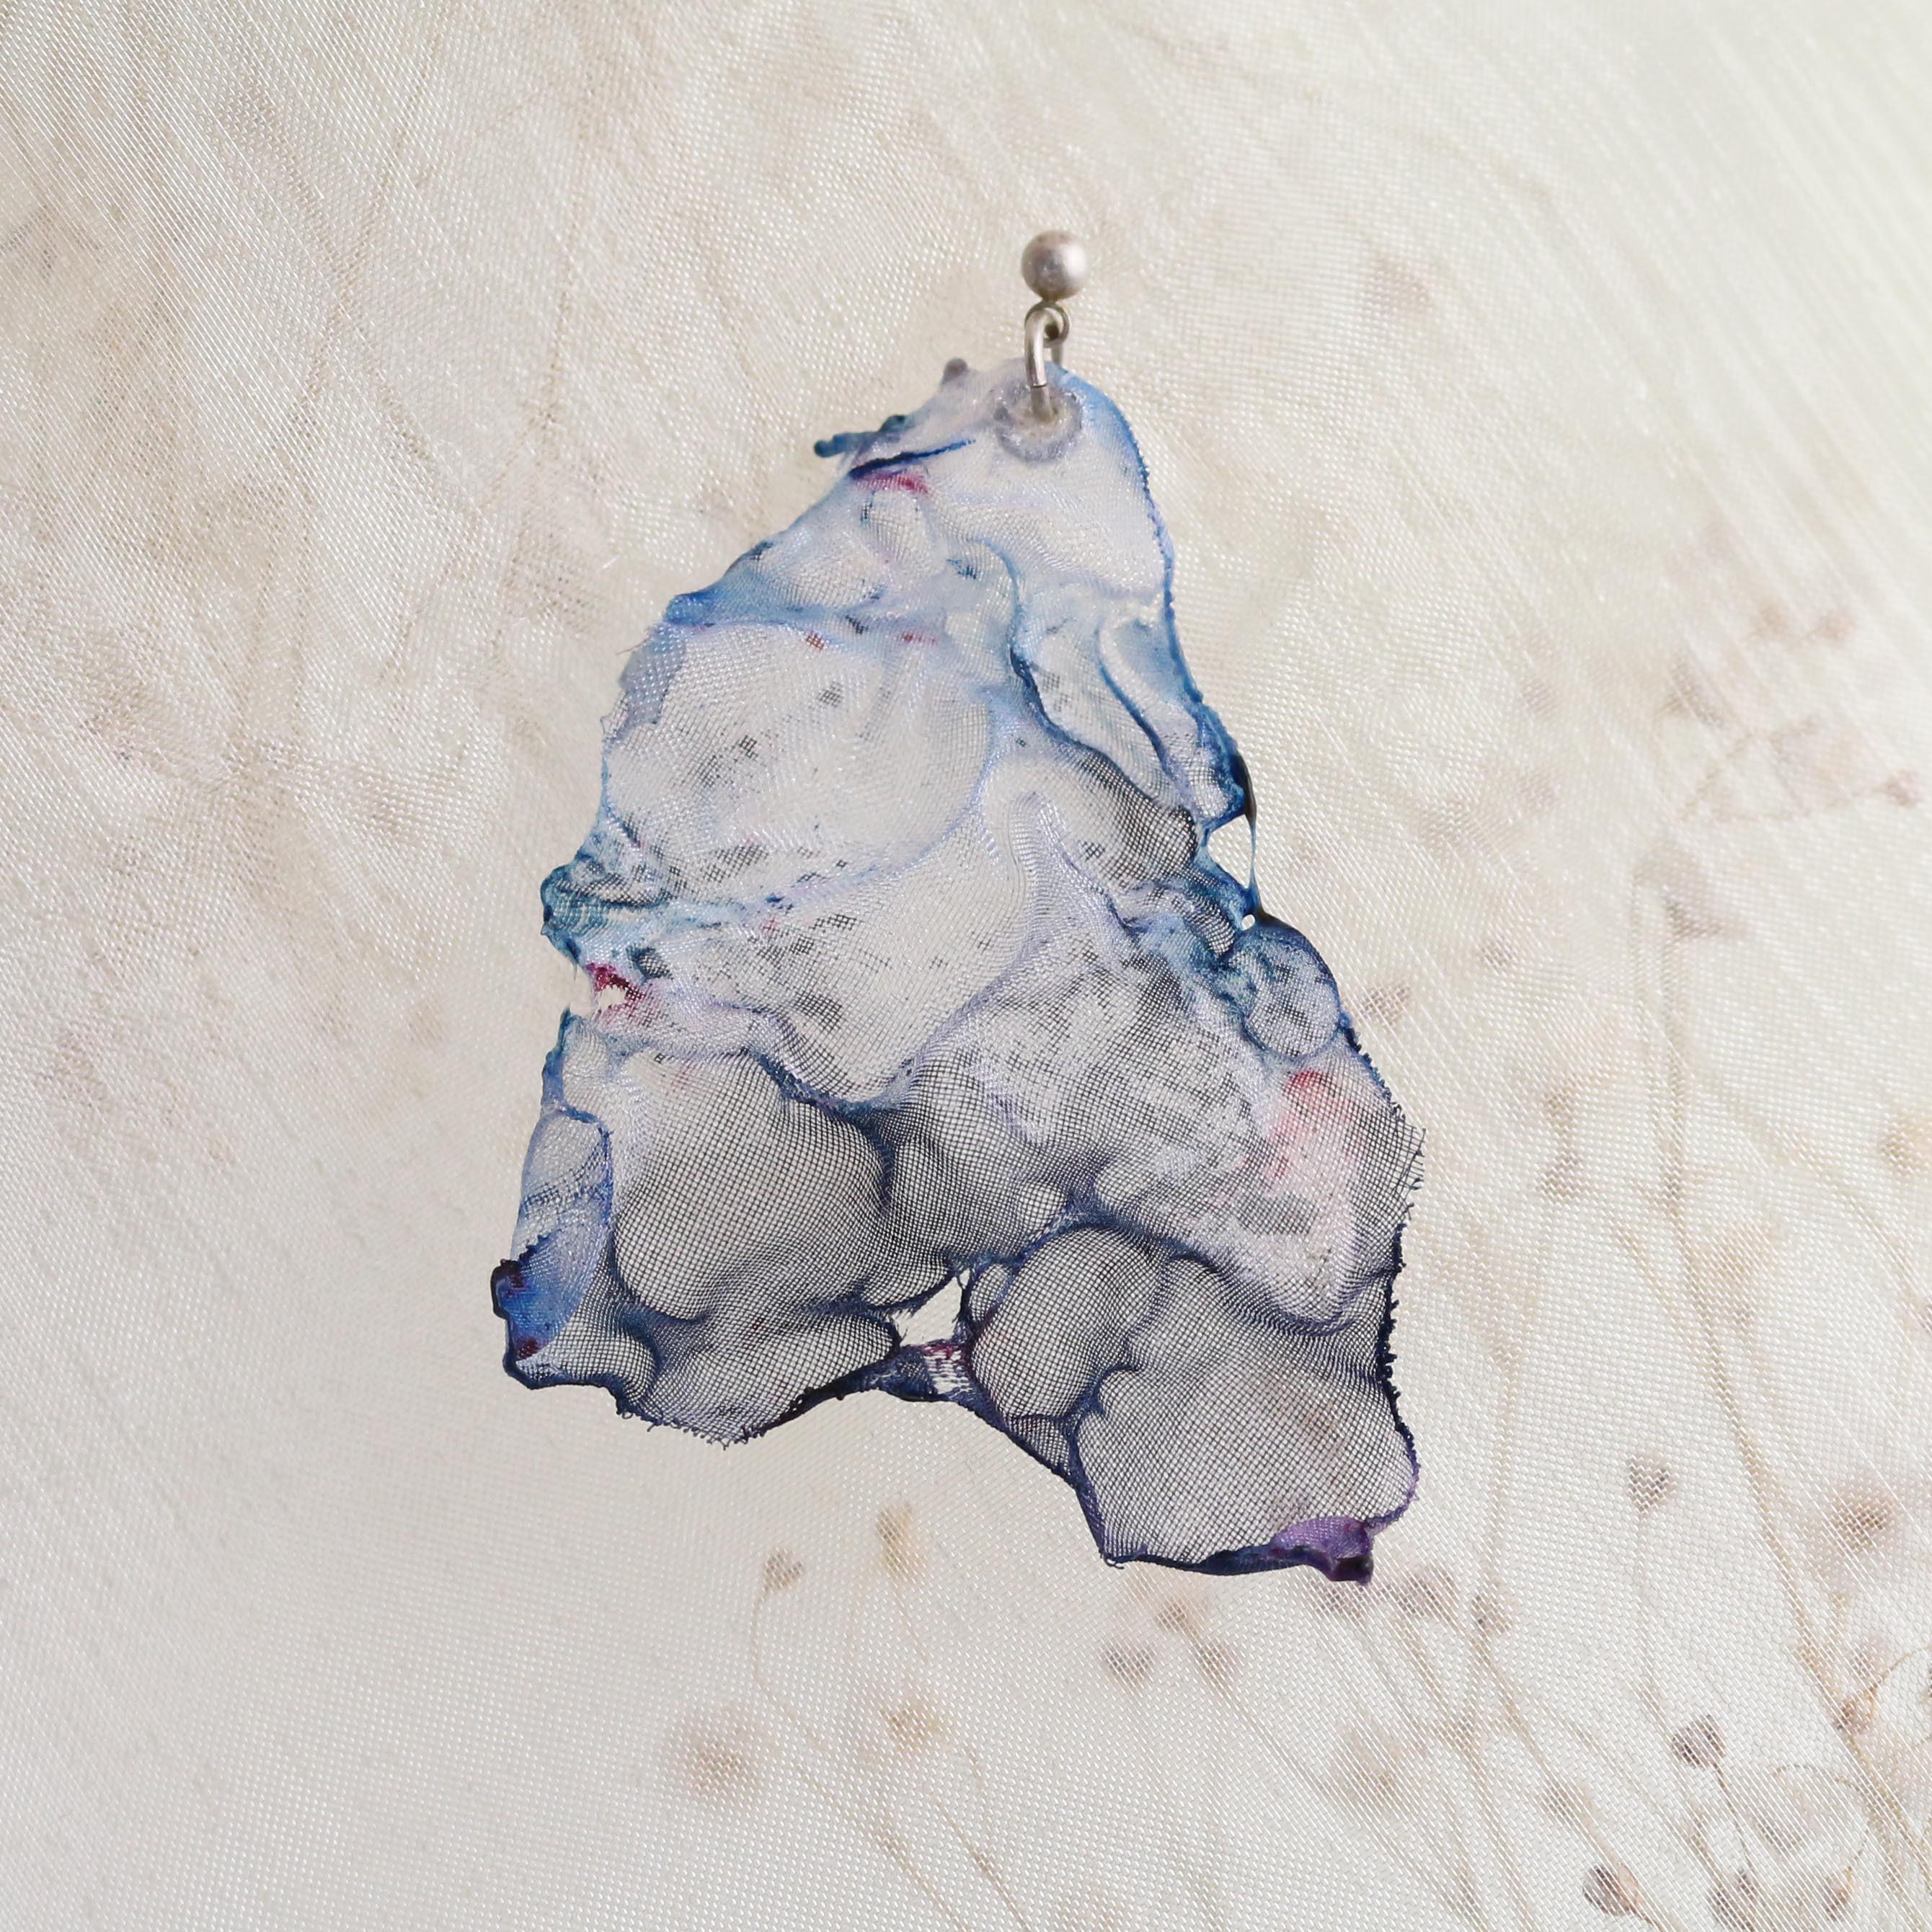 染めオーガンジーのアートピアス 薄青グレー